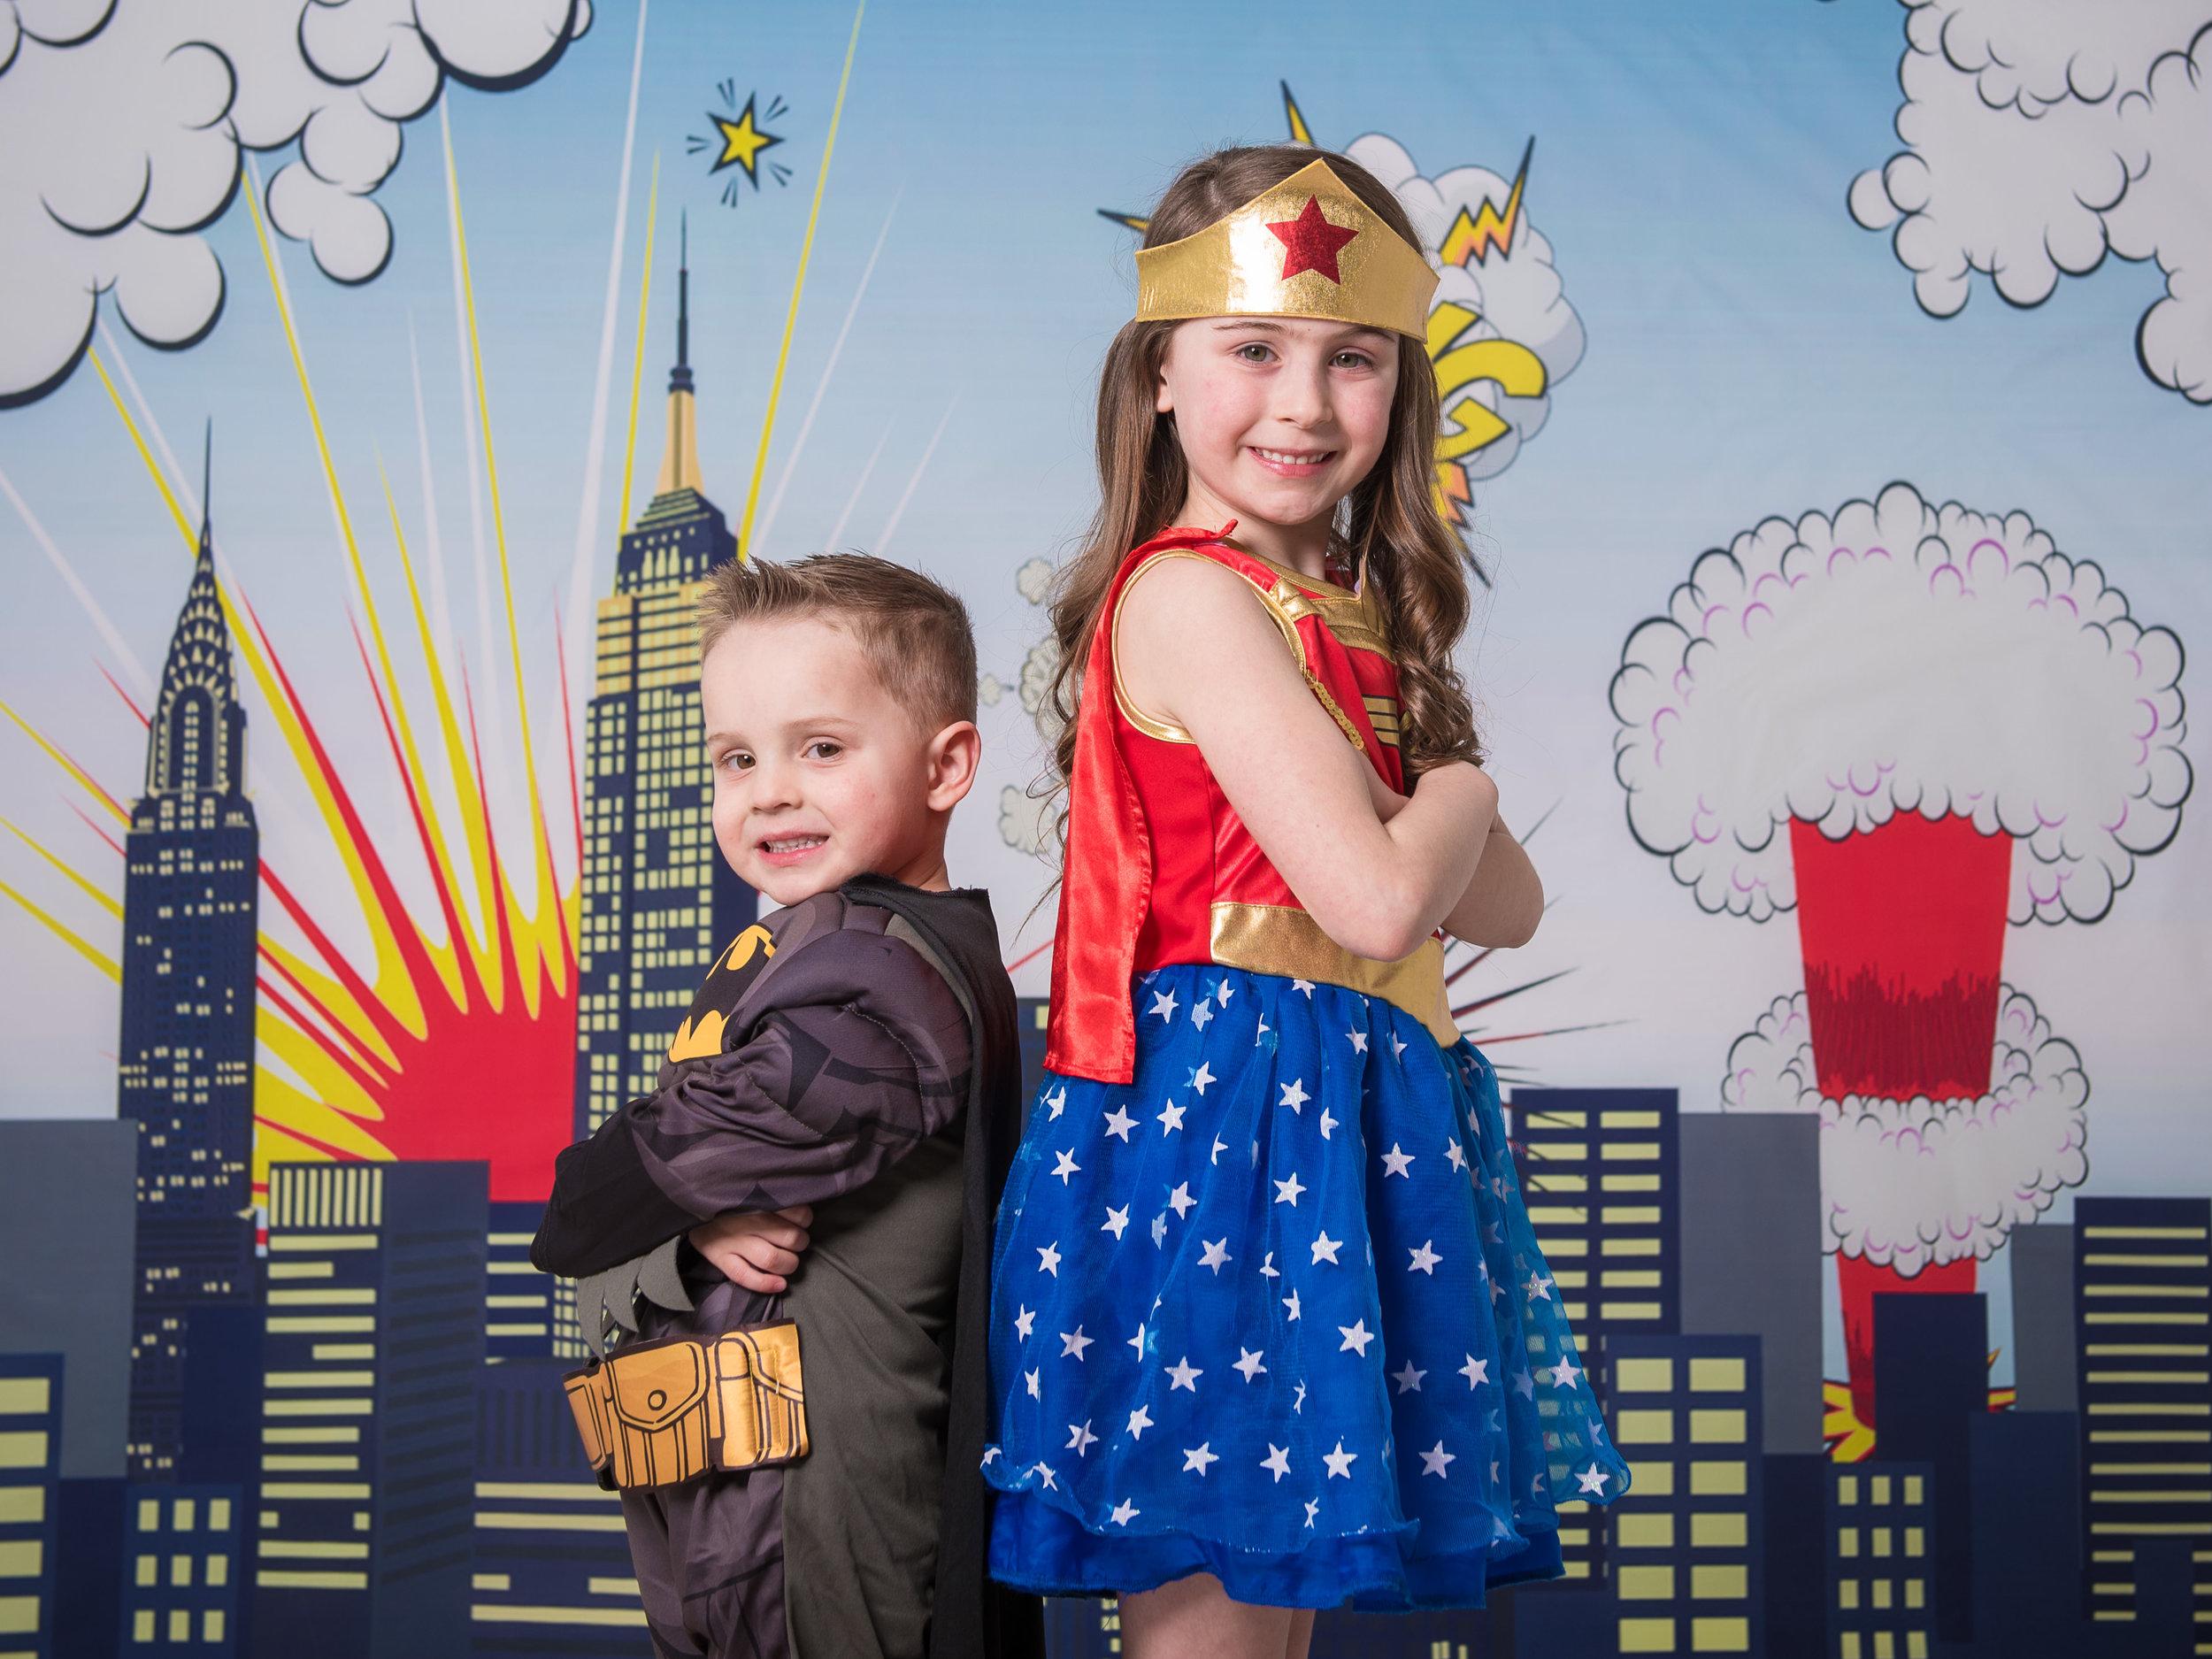 Brother & sister dressed up as superheroes Batman & wonder woman